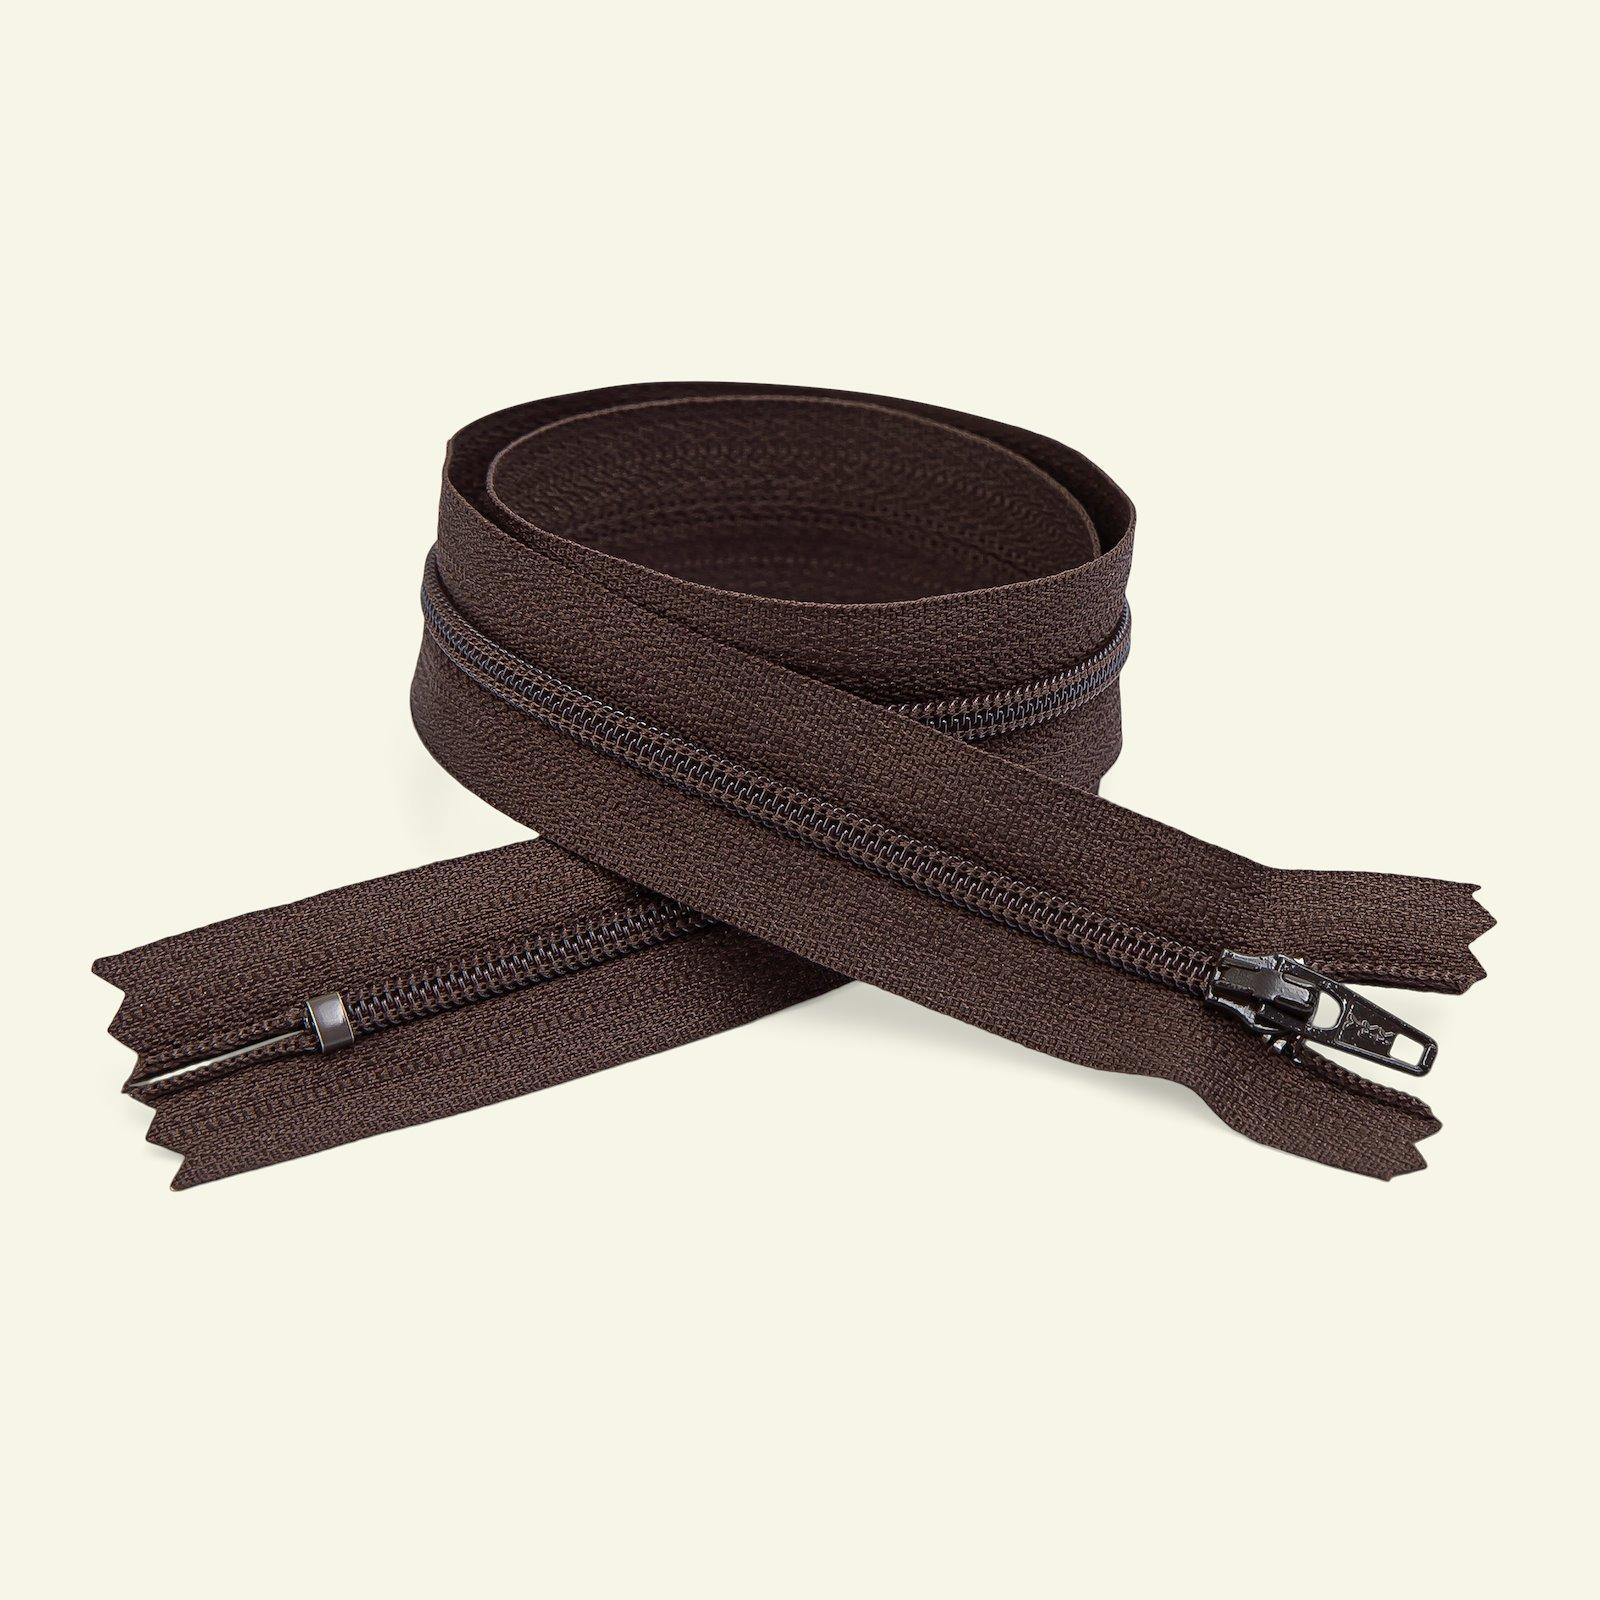 YKK zip 4mm closed end 50cm brown x40537_pack